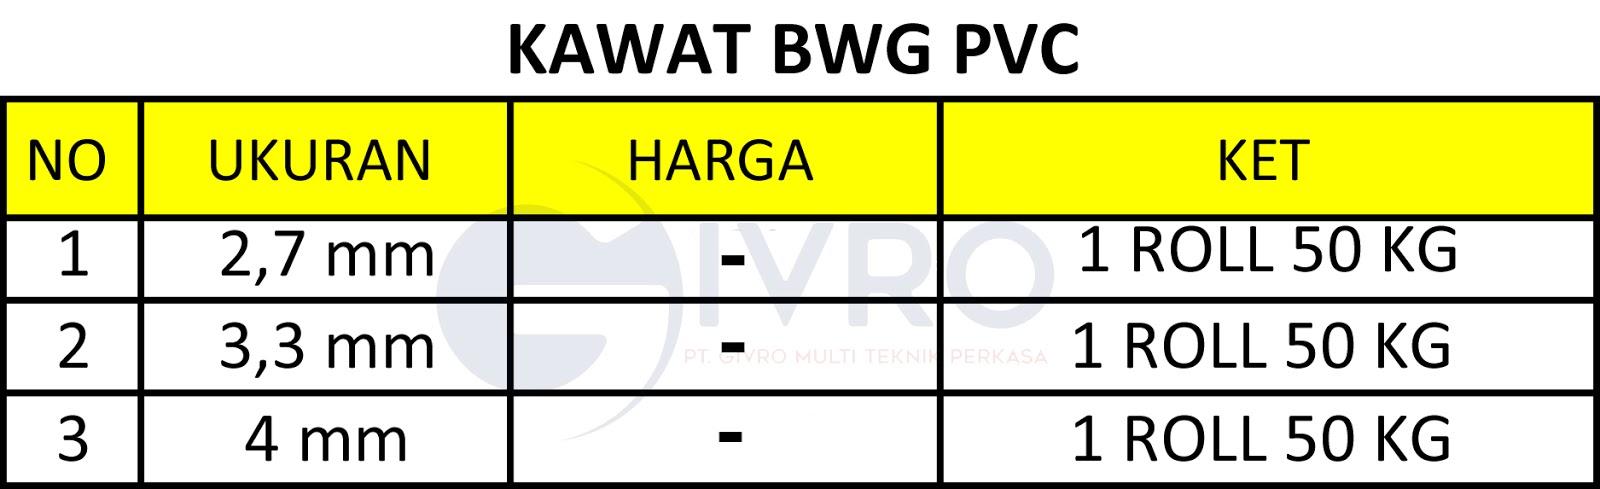 Spesifikasi Kawat BWG PVC| jual kawat bwg pvc